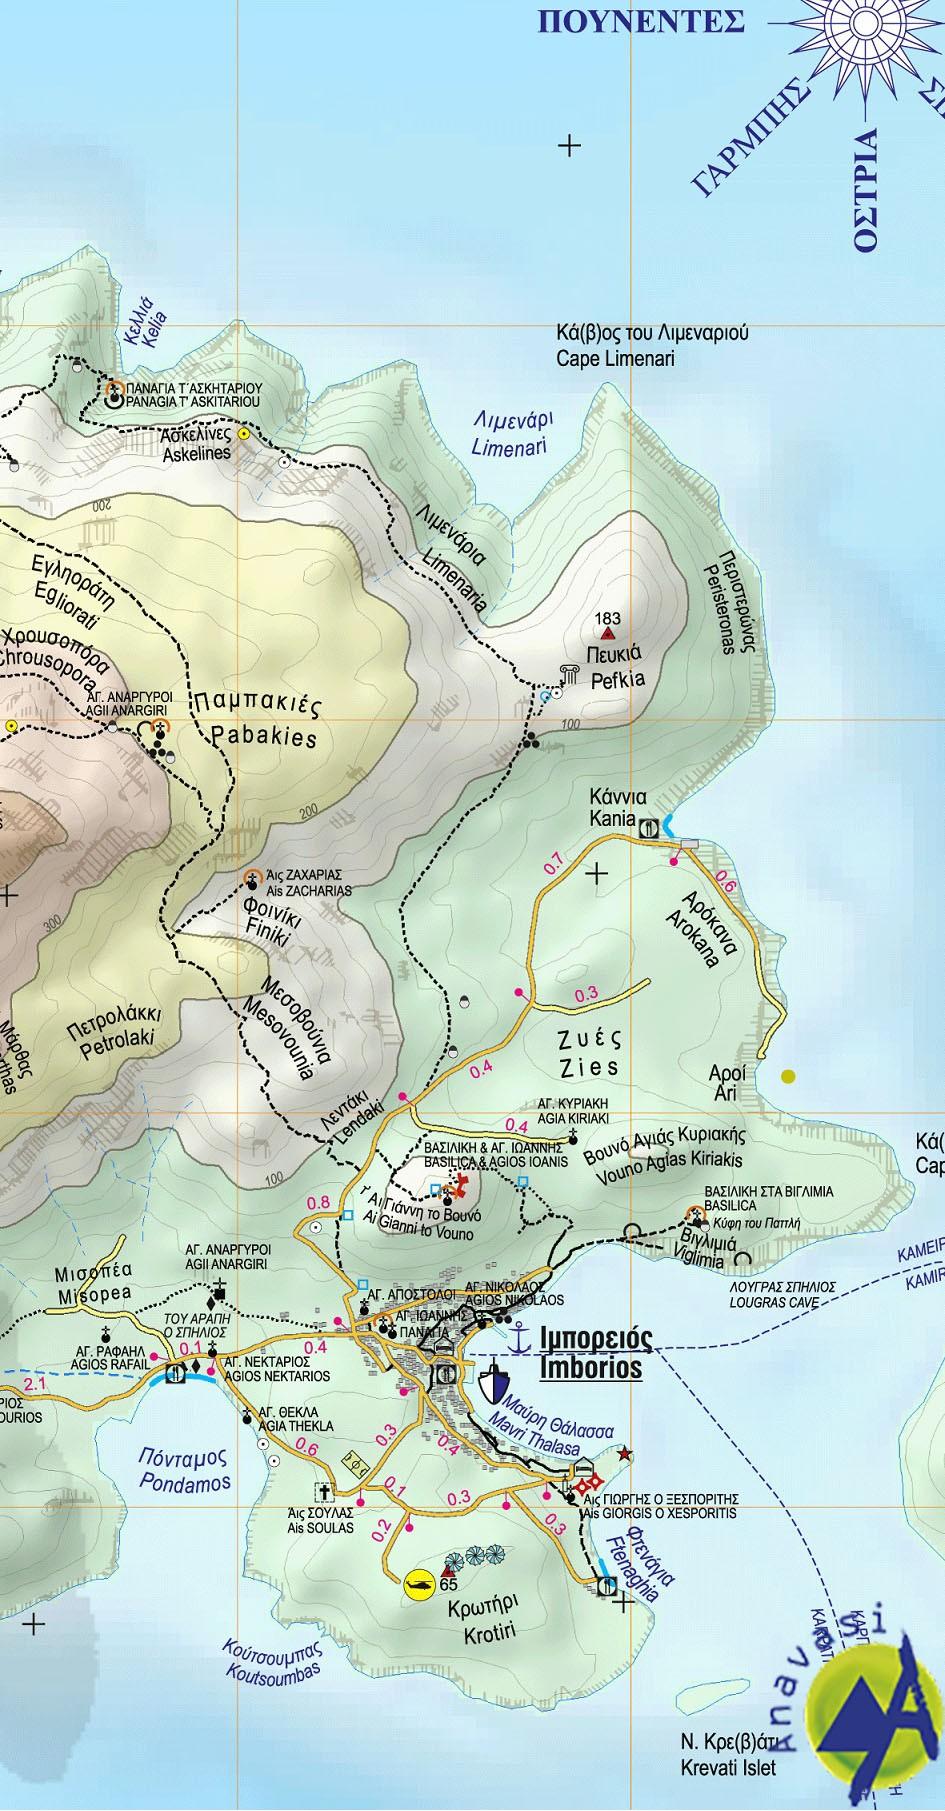 Chalki • hiking map 1:20000